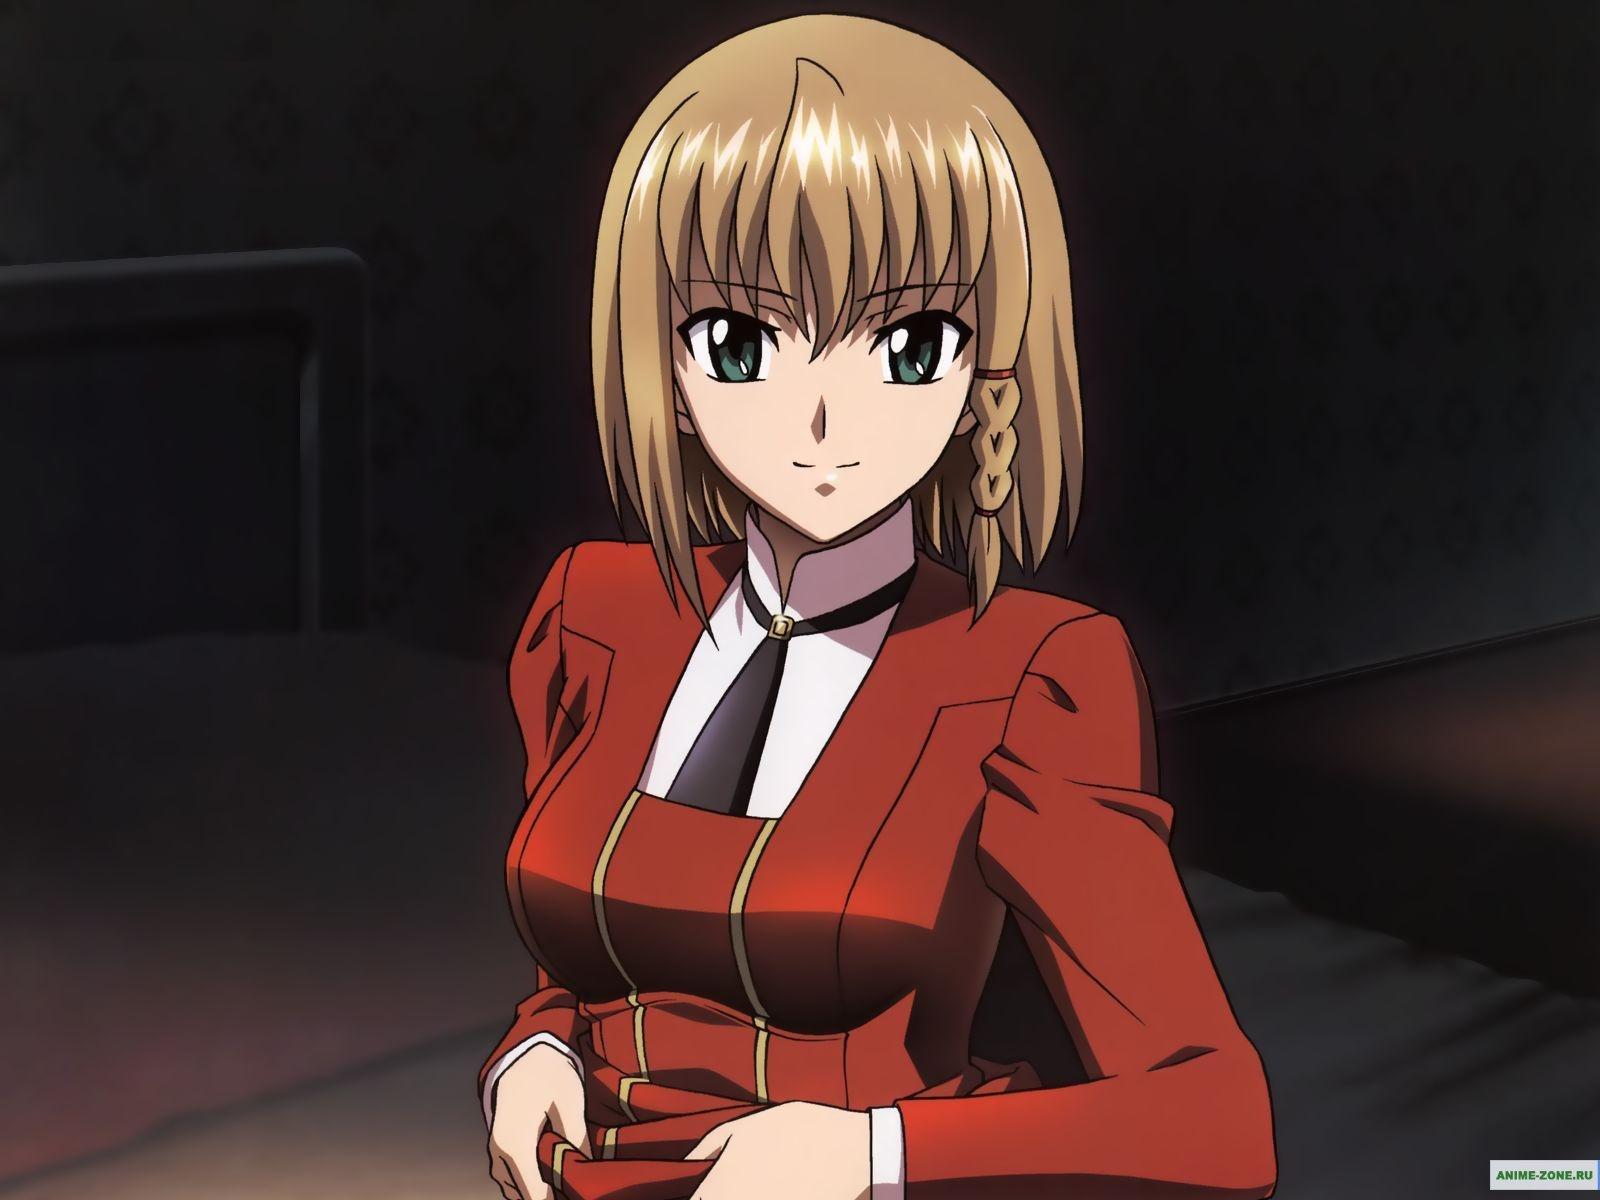 Agent aika 4 ova anime 1998 - 2 part 6